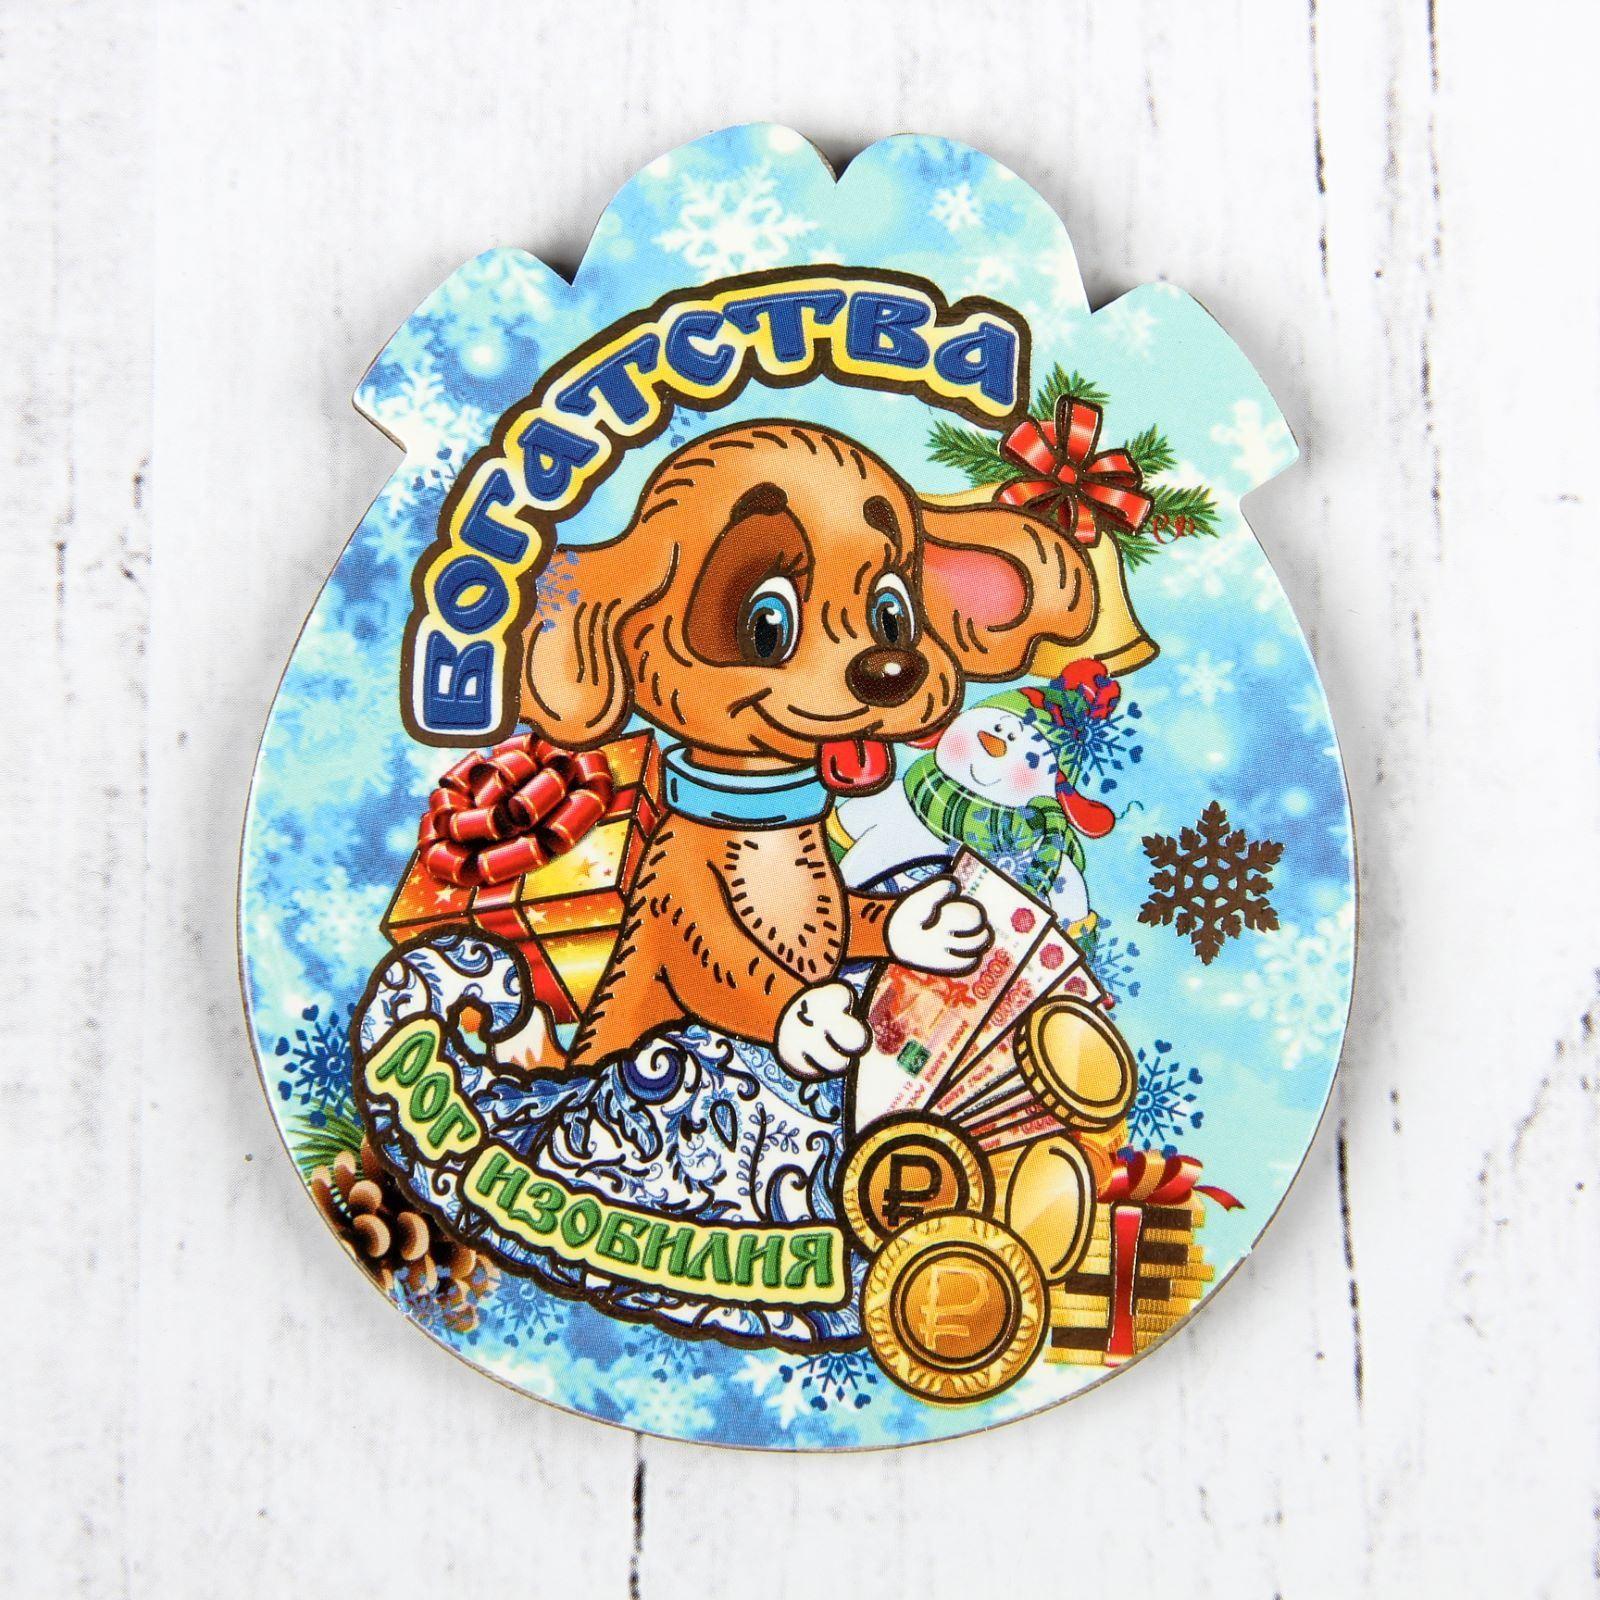 Магнит Sima-land Новогодний. 2018, 9 х 7,5 см. 25323652532365Порадуйте родных и близких оригинальным сувениром: преподнесите в подарок магнит. С ним даже самый серьезный человек почувствует себя ребенком, ожидающим чудо! Прикрепите его к любой металлической поверхности, и он удержит на виду важные записки, любовные послания или просто список продуктов.Создайте праздничное настроение, и оно останется с вами на весь год.